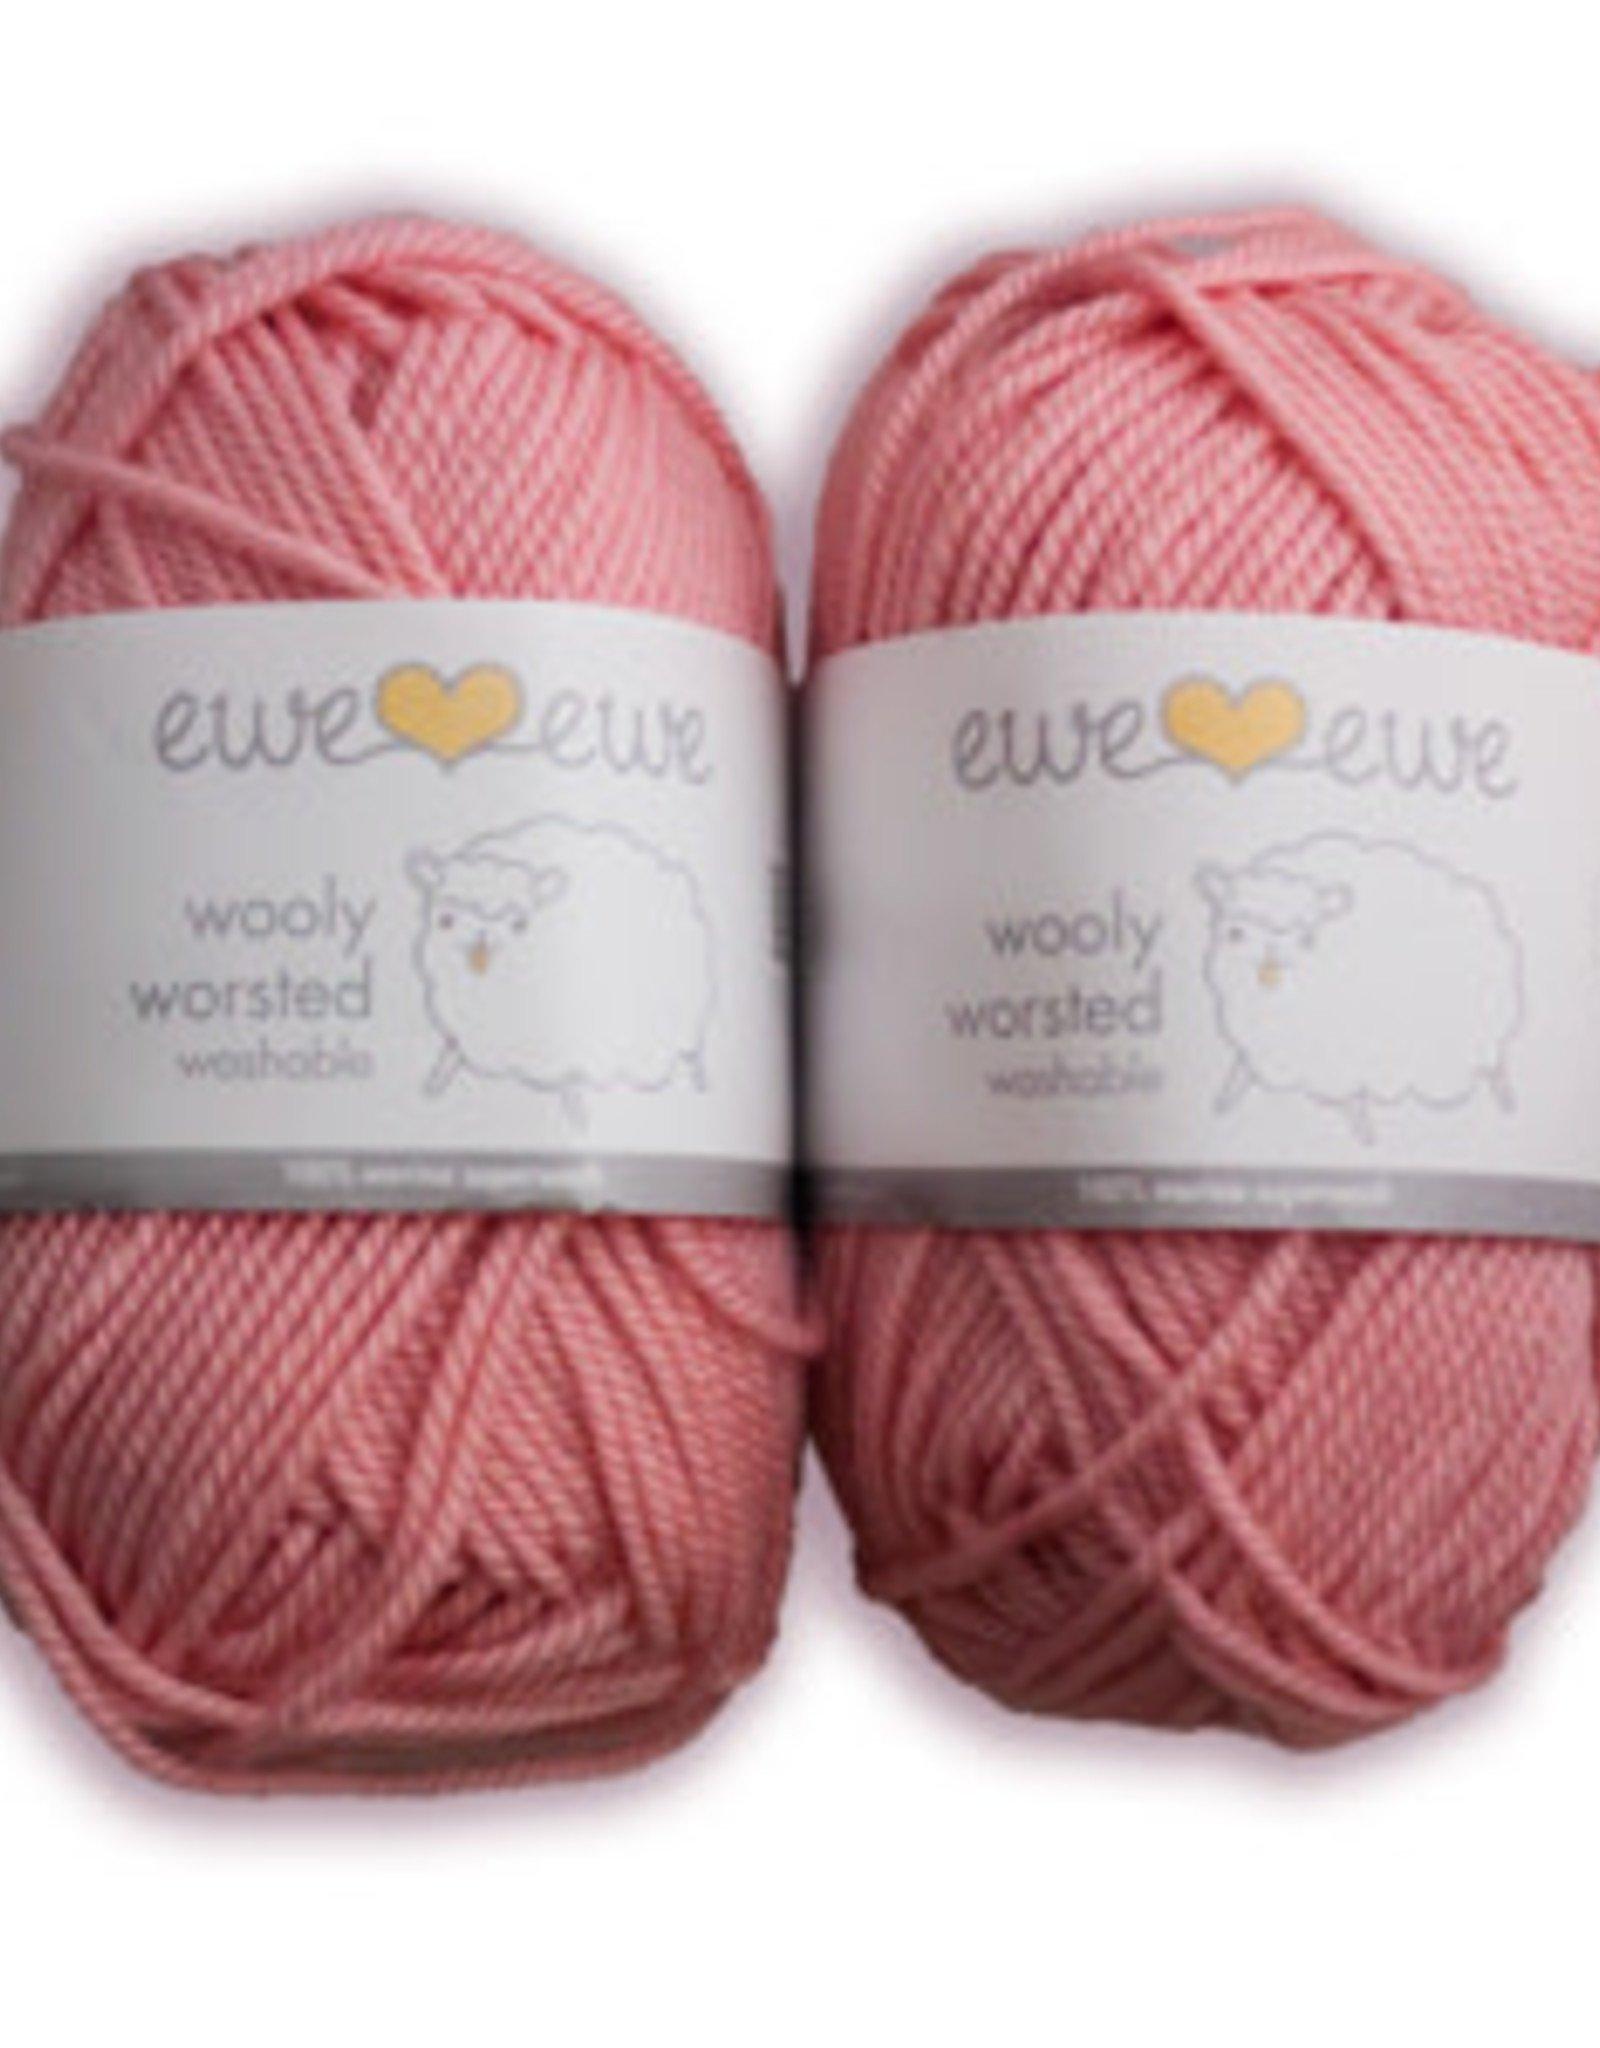 Ewe Ewe Wooly Worsted by Ewe Ewe Yarns Set 1